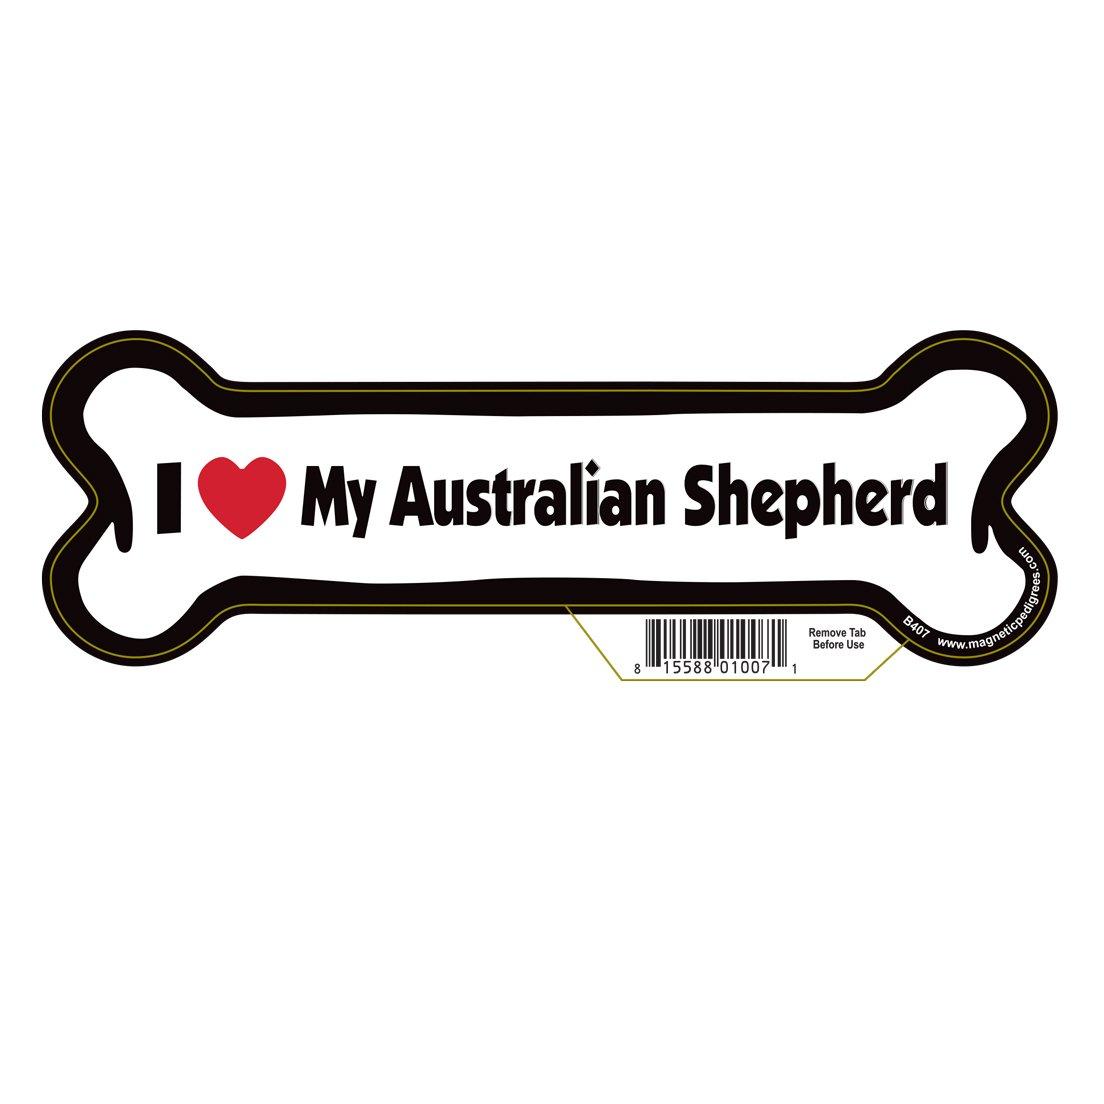 Australian Shepherd Dog Bone Magnet